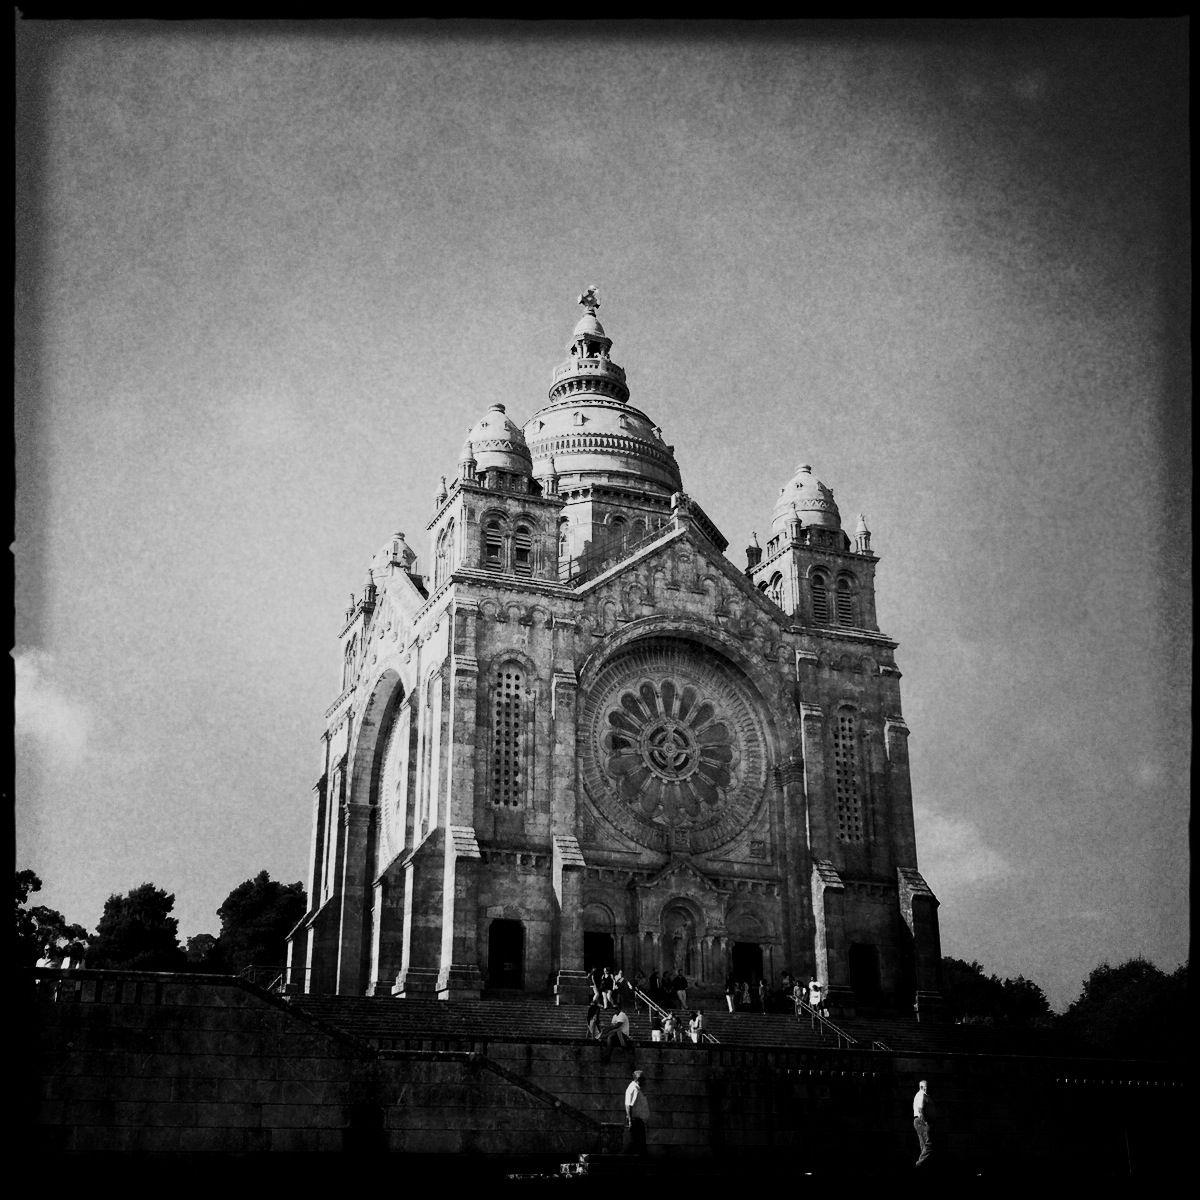 Wahrzeichen von Viana do Castelo: Die trutzige Kirche Santuária de Santa Luzia